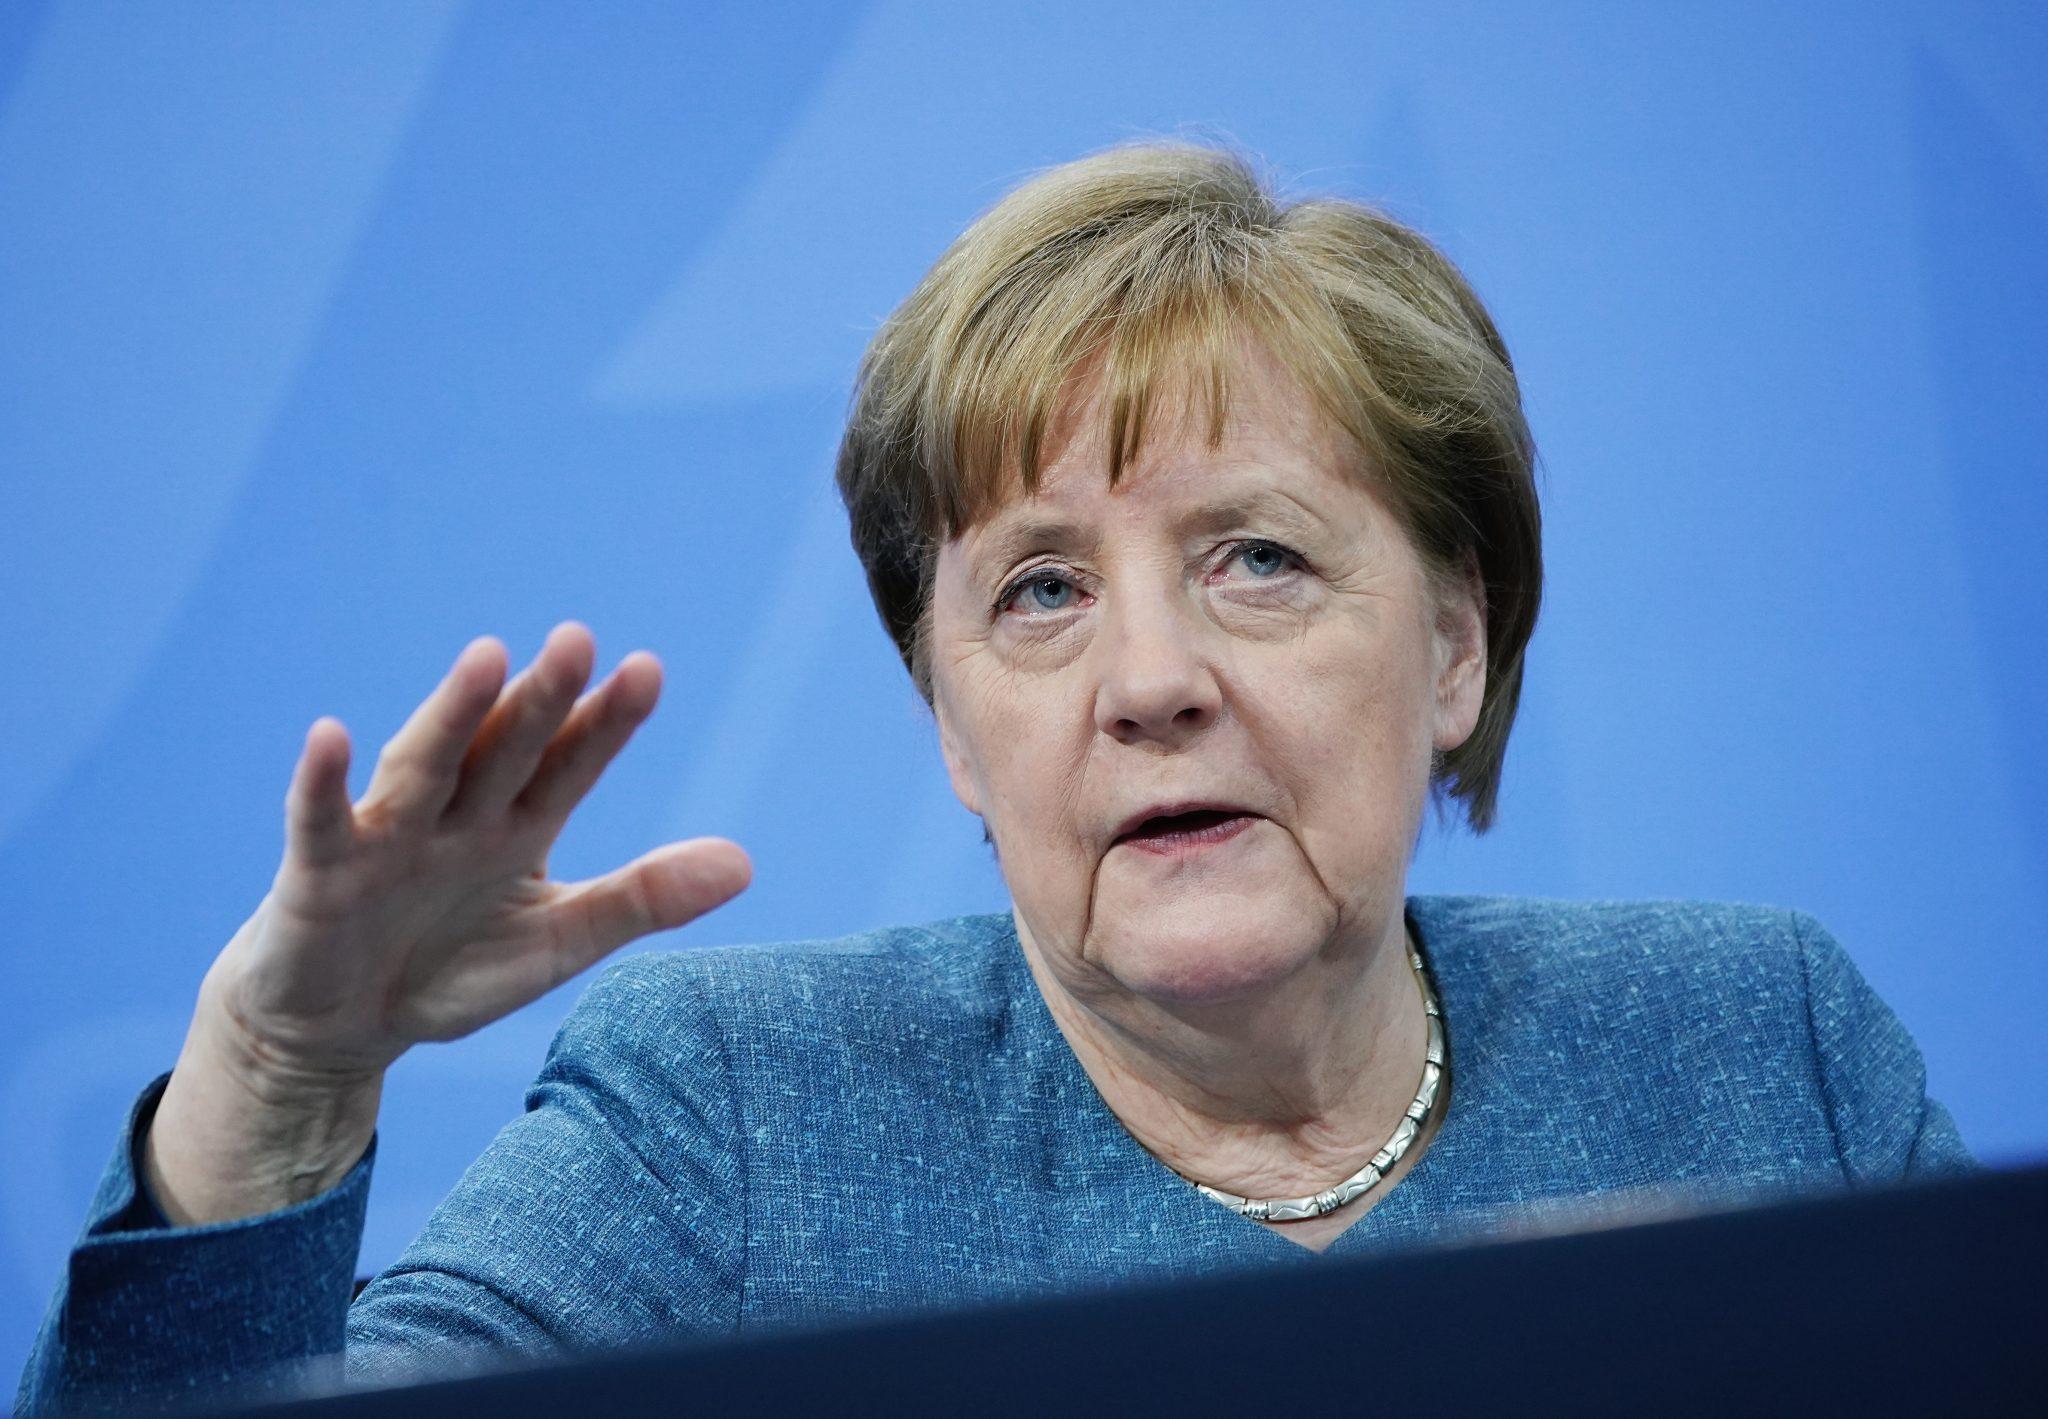 Bundeskanzlerin Angela Merkel (CDU) auf Pressekonferenz beim Impfgipfel